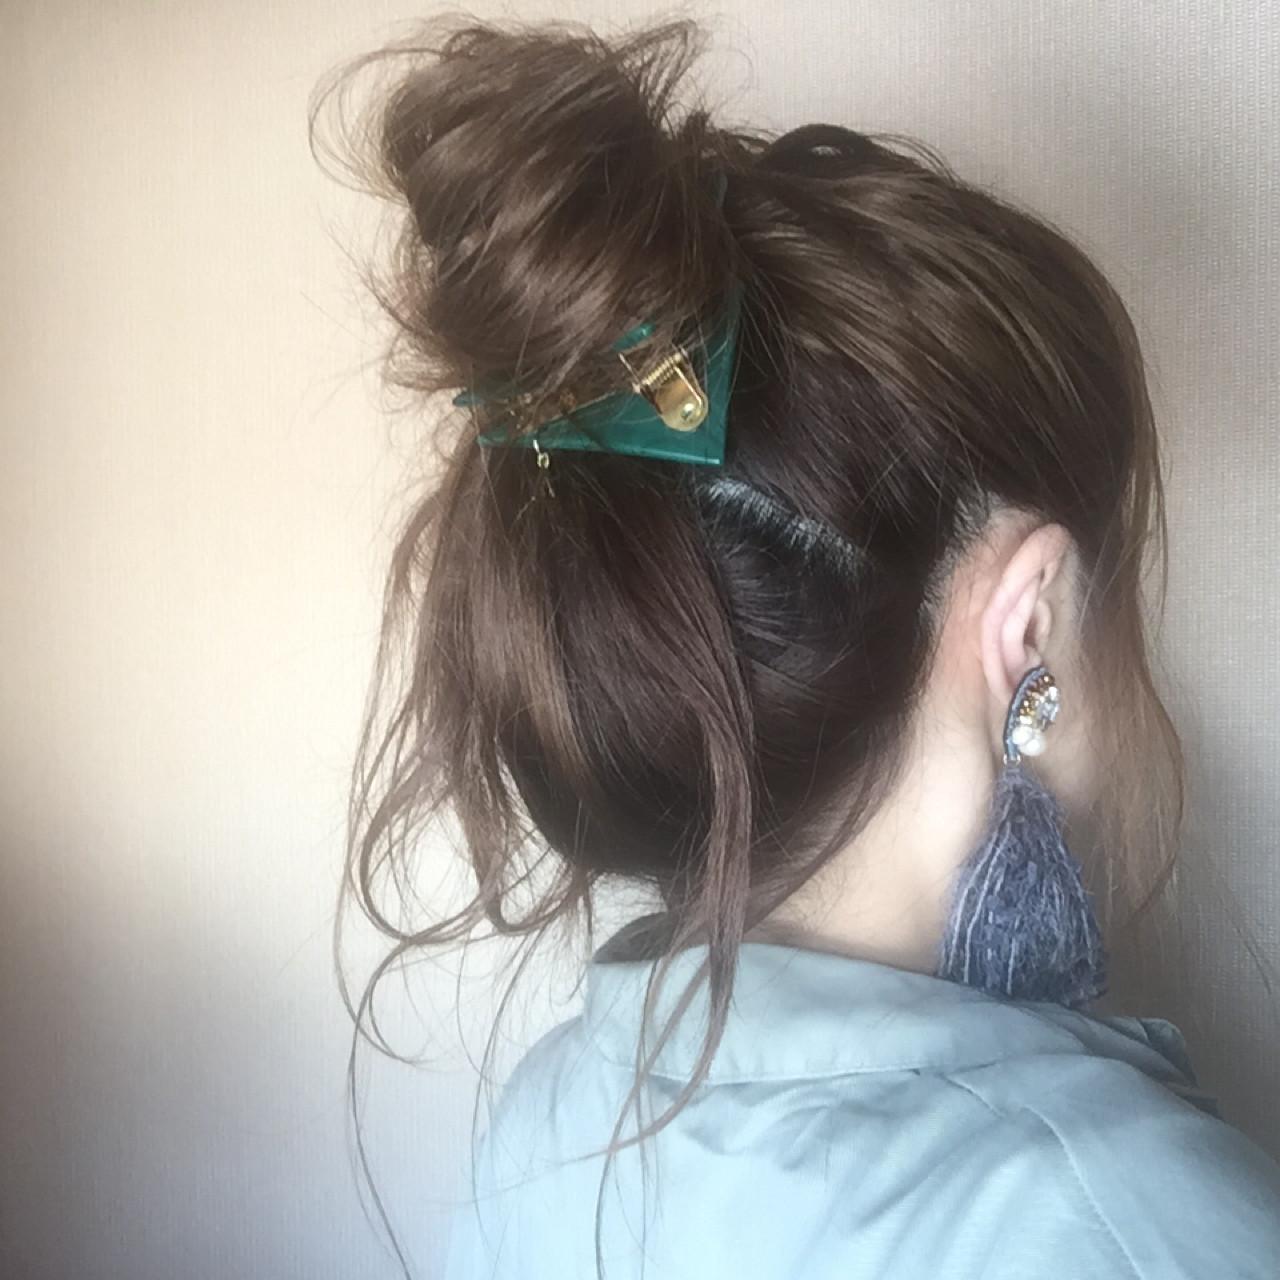 ヘアクリップで色気のあるお団子に♪ 大西未紗 | HAIR LEAP